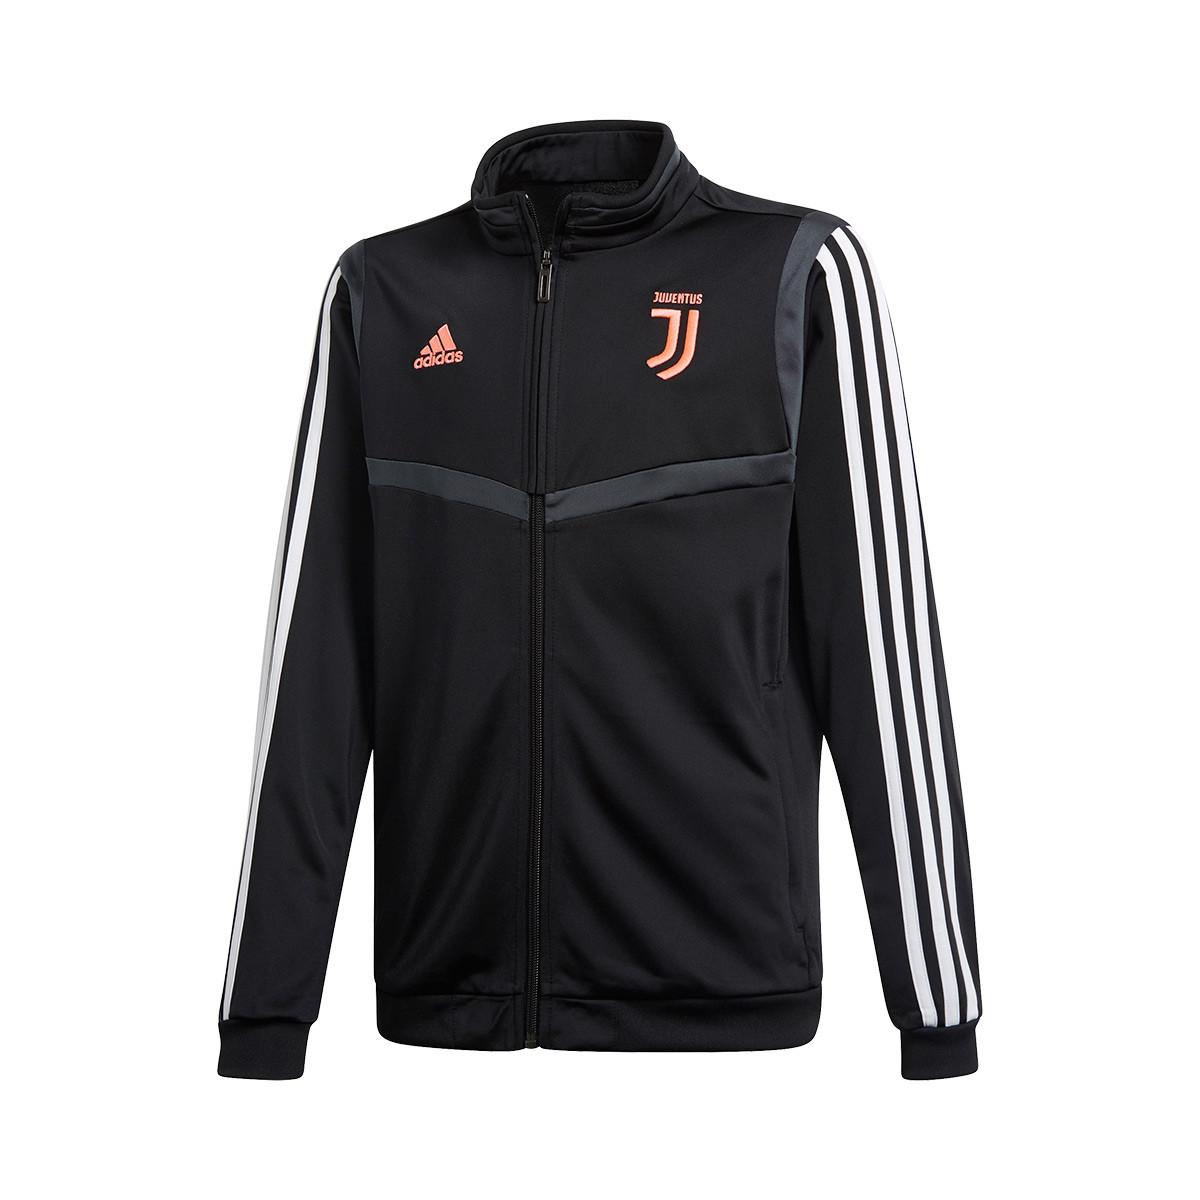 adidas Juventus PES 2019 2020 Niño Tracksuit